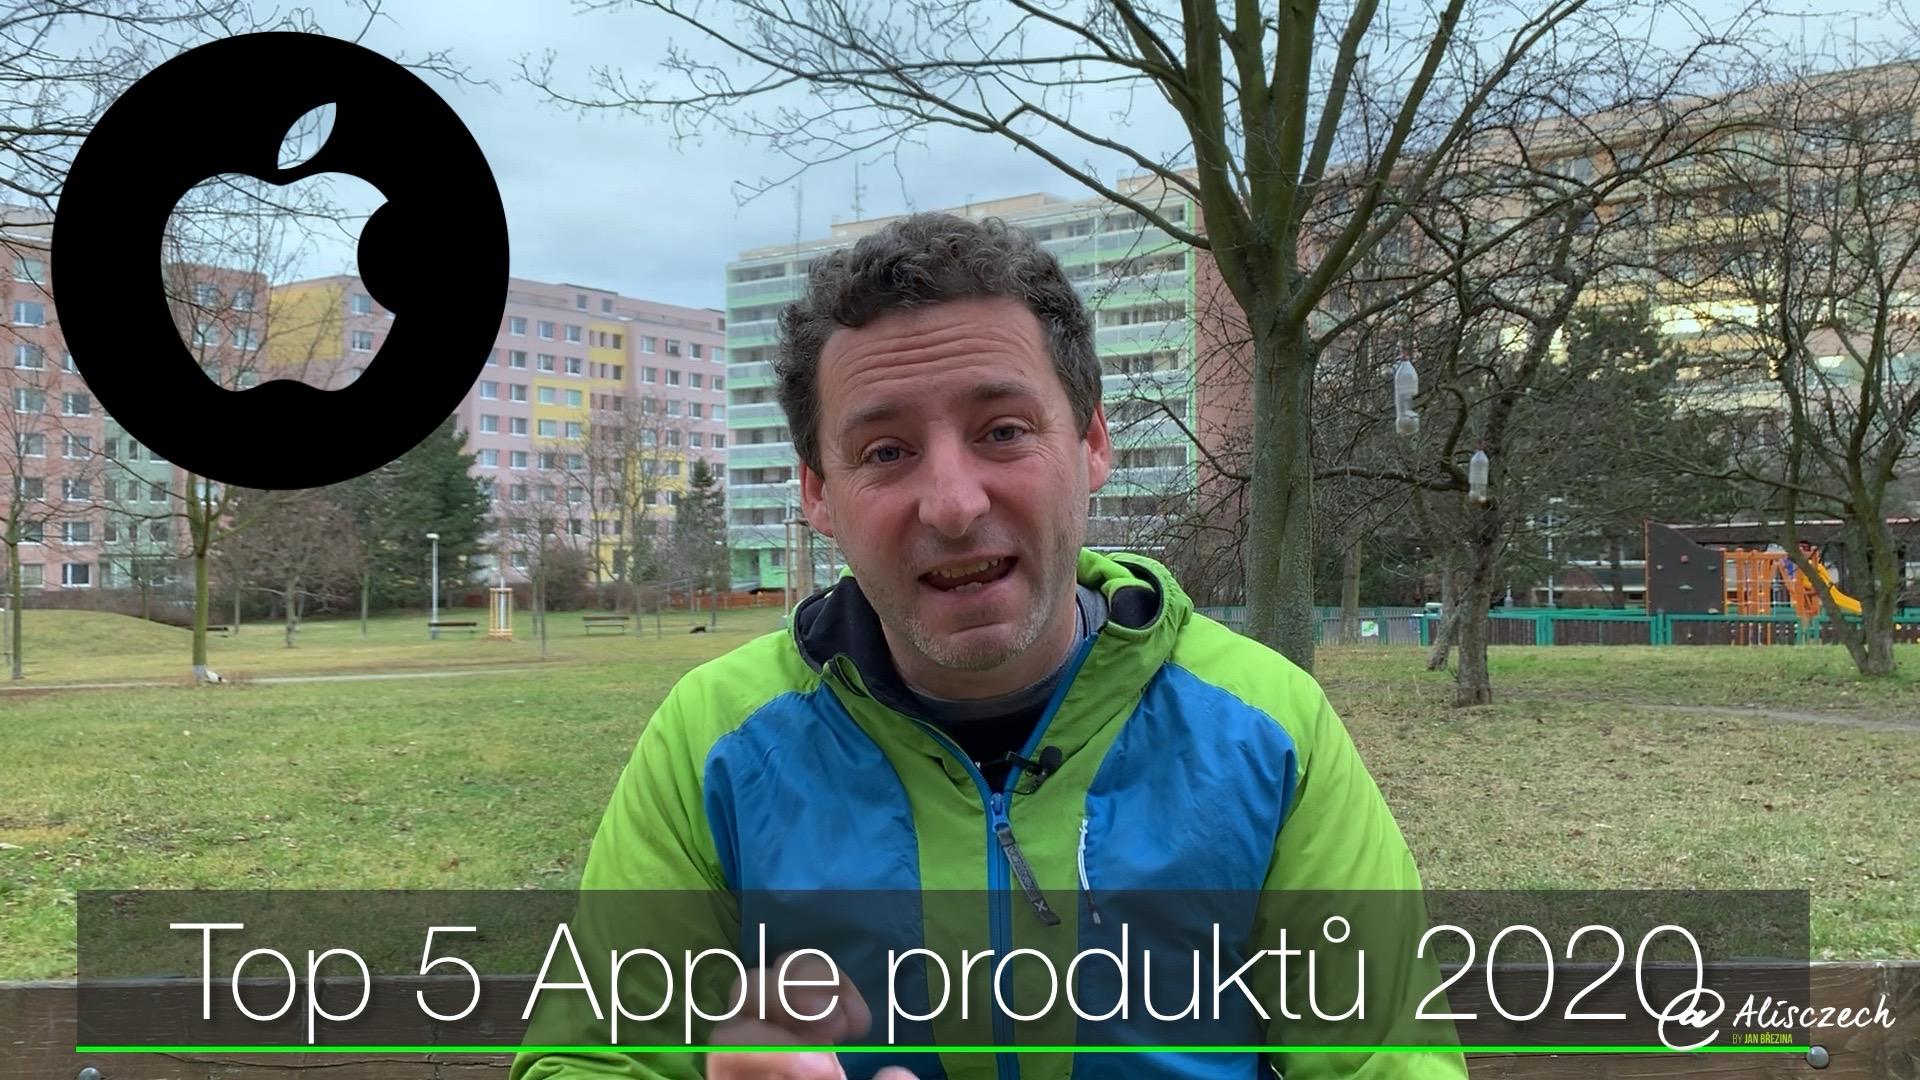 Top 5 nejlepší Apple produkty